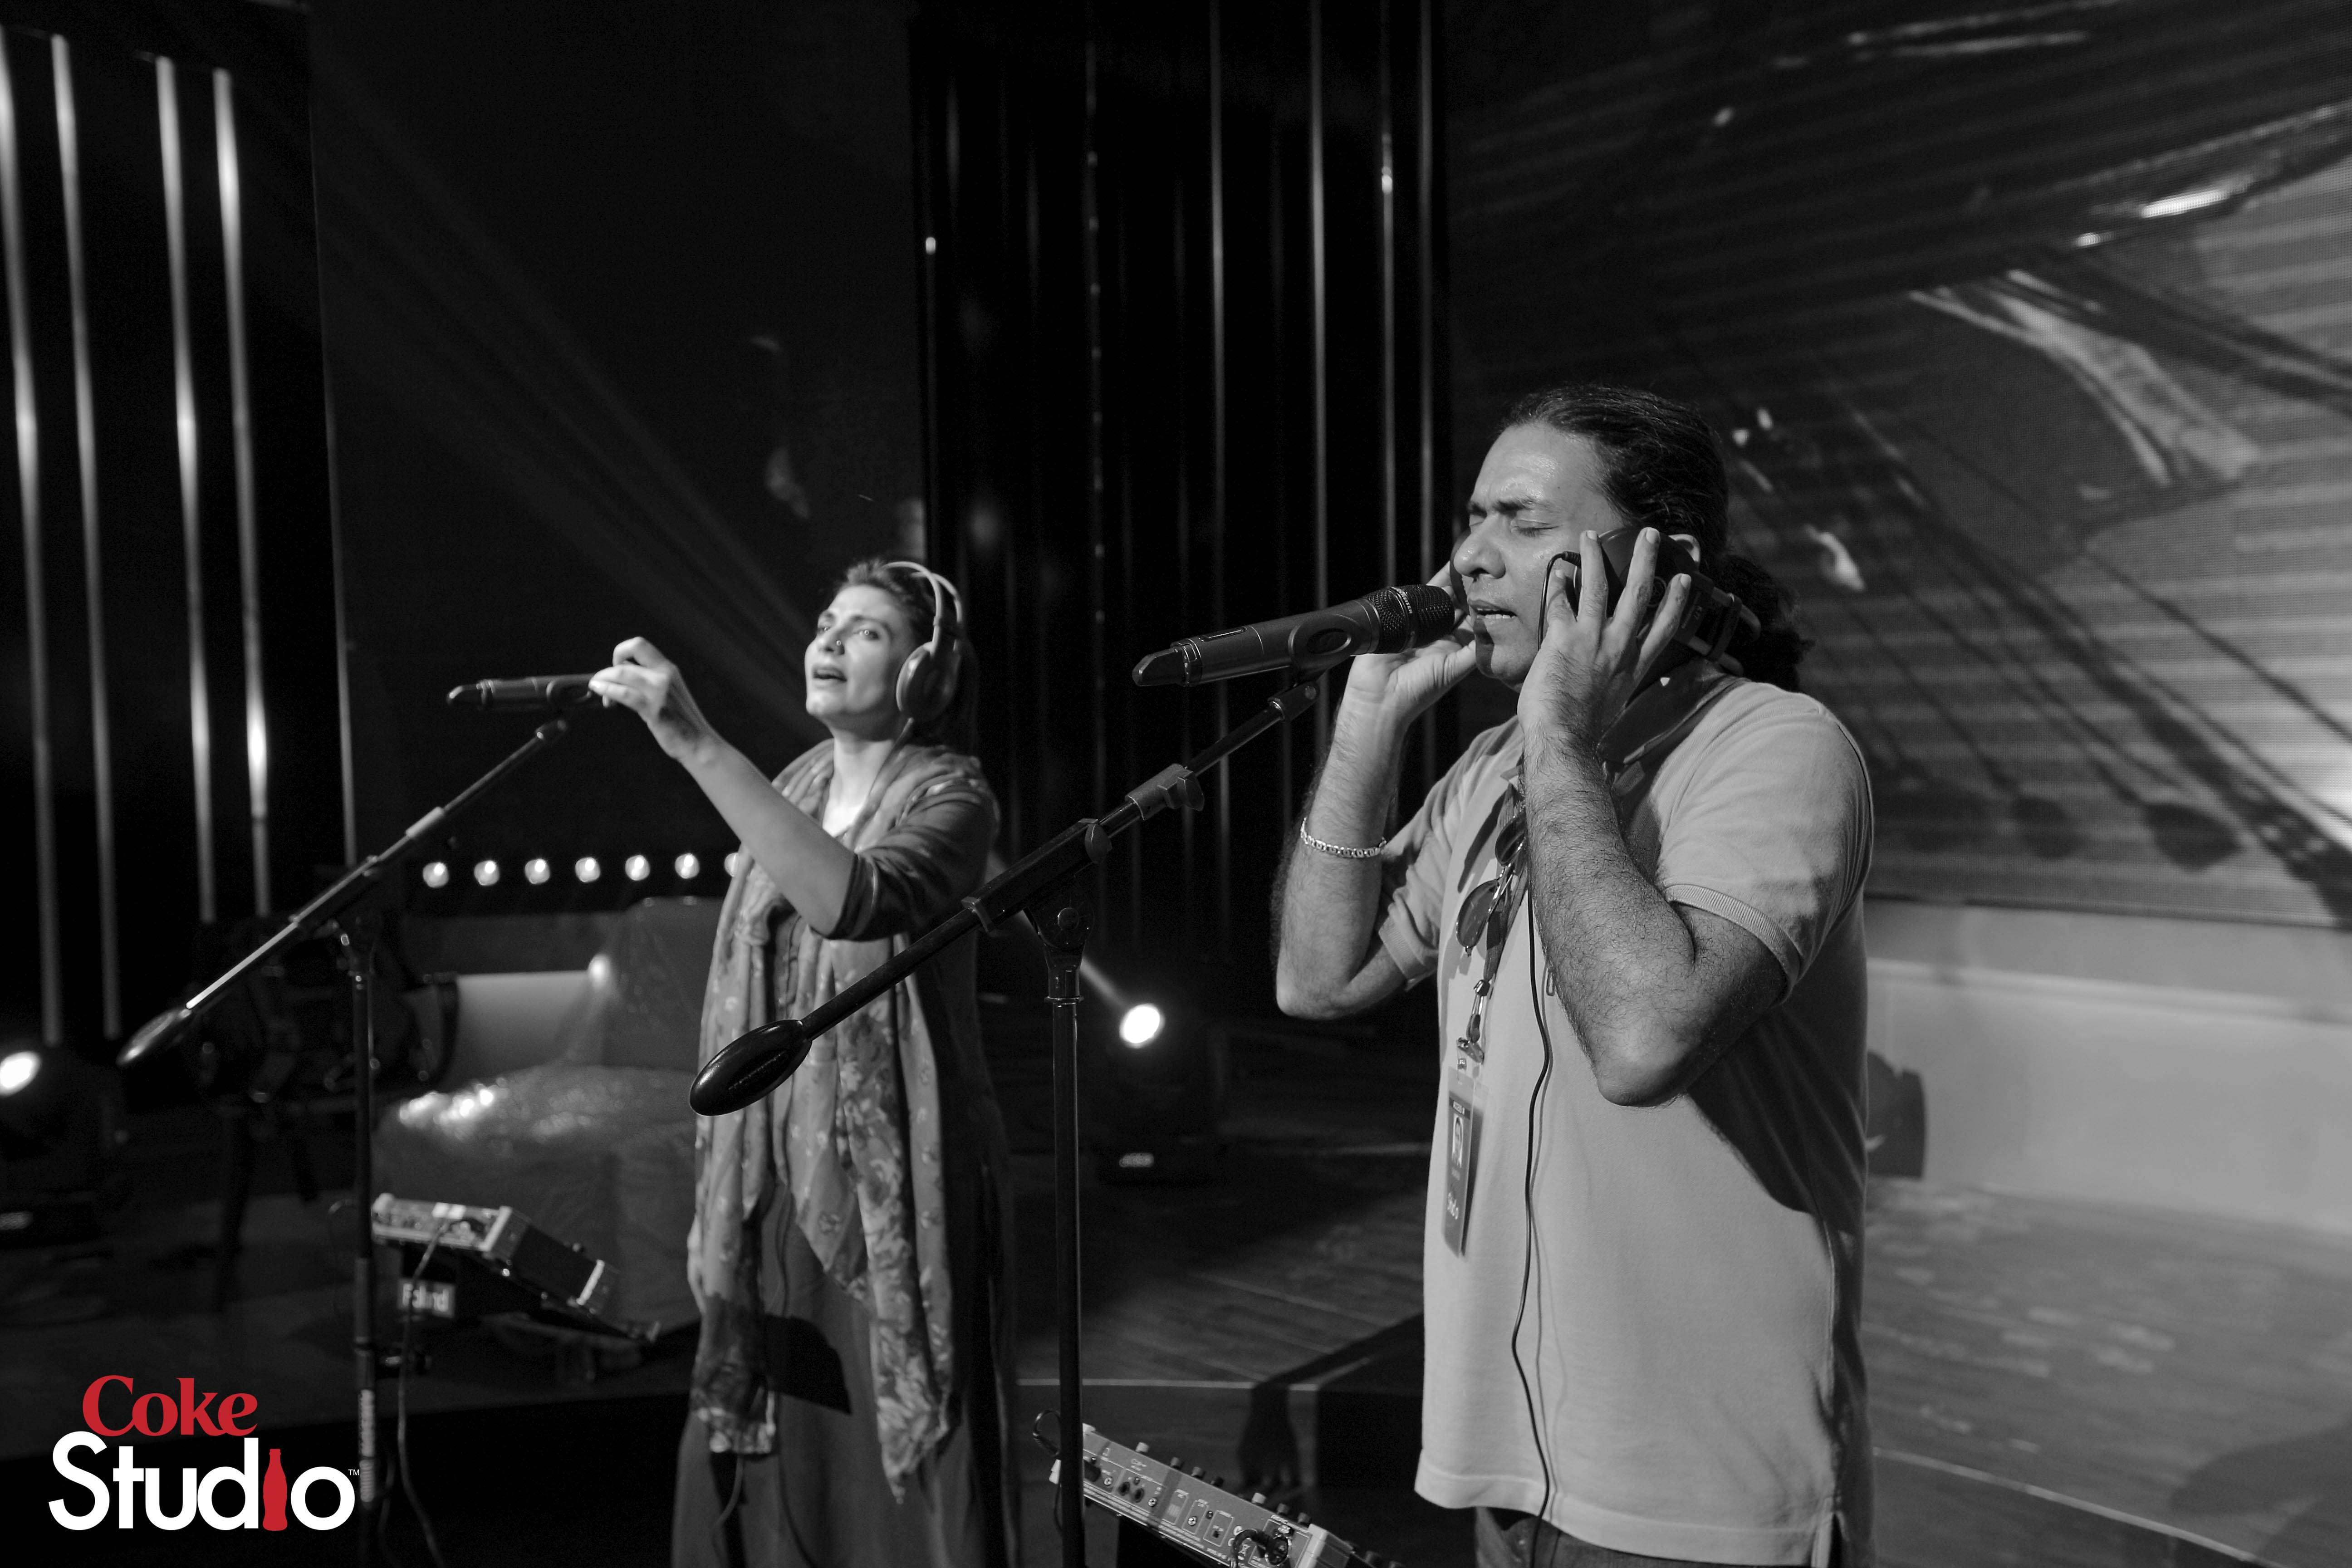 Sajjad-Ali-featured-artists-coke-studio-season-7